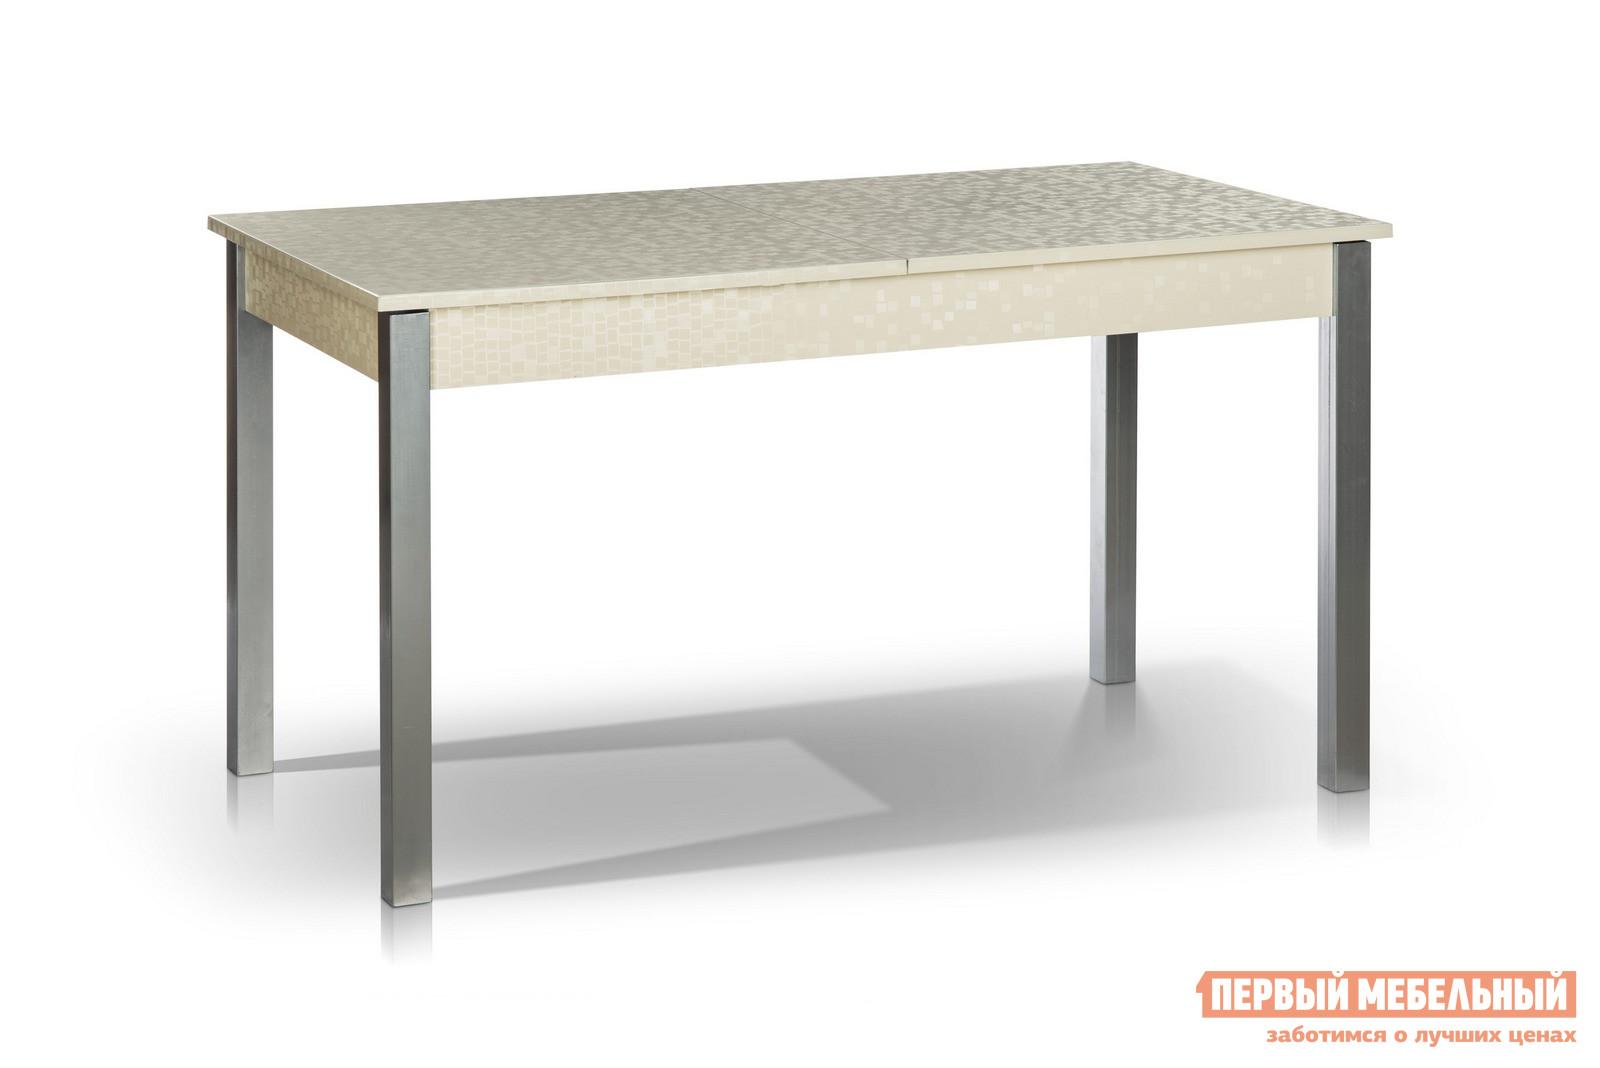 Кухонный стол МегаЭлатон Лугано-Мини стол мегаэлатон лугано дуб швейцарский